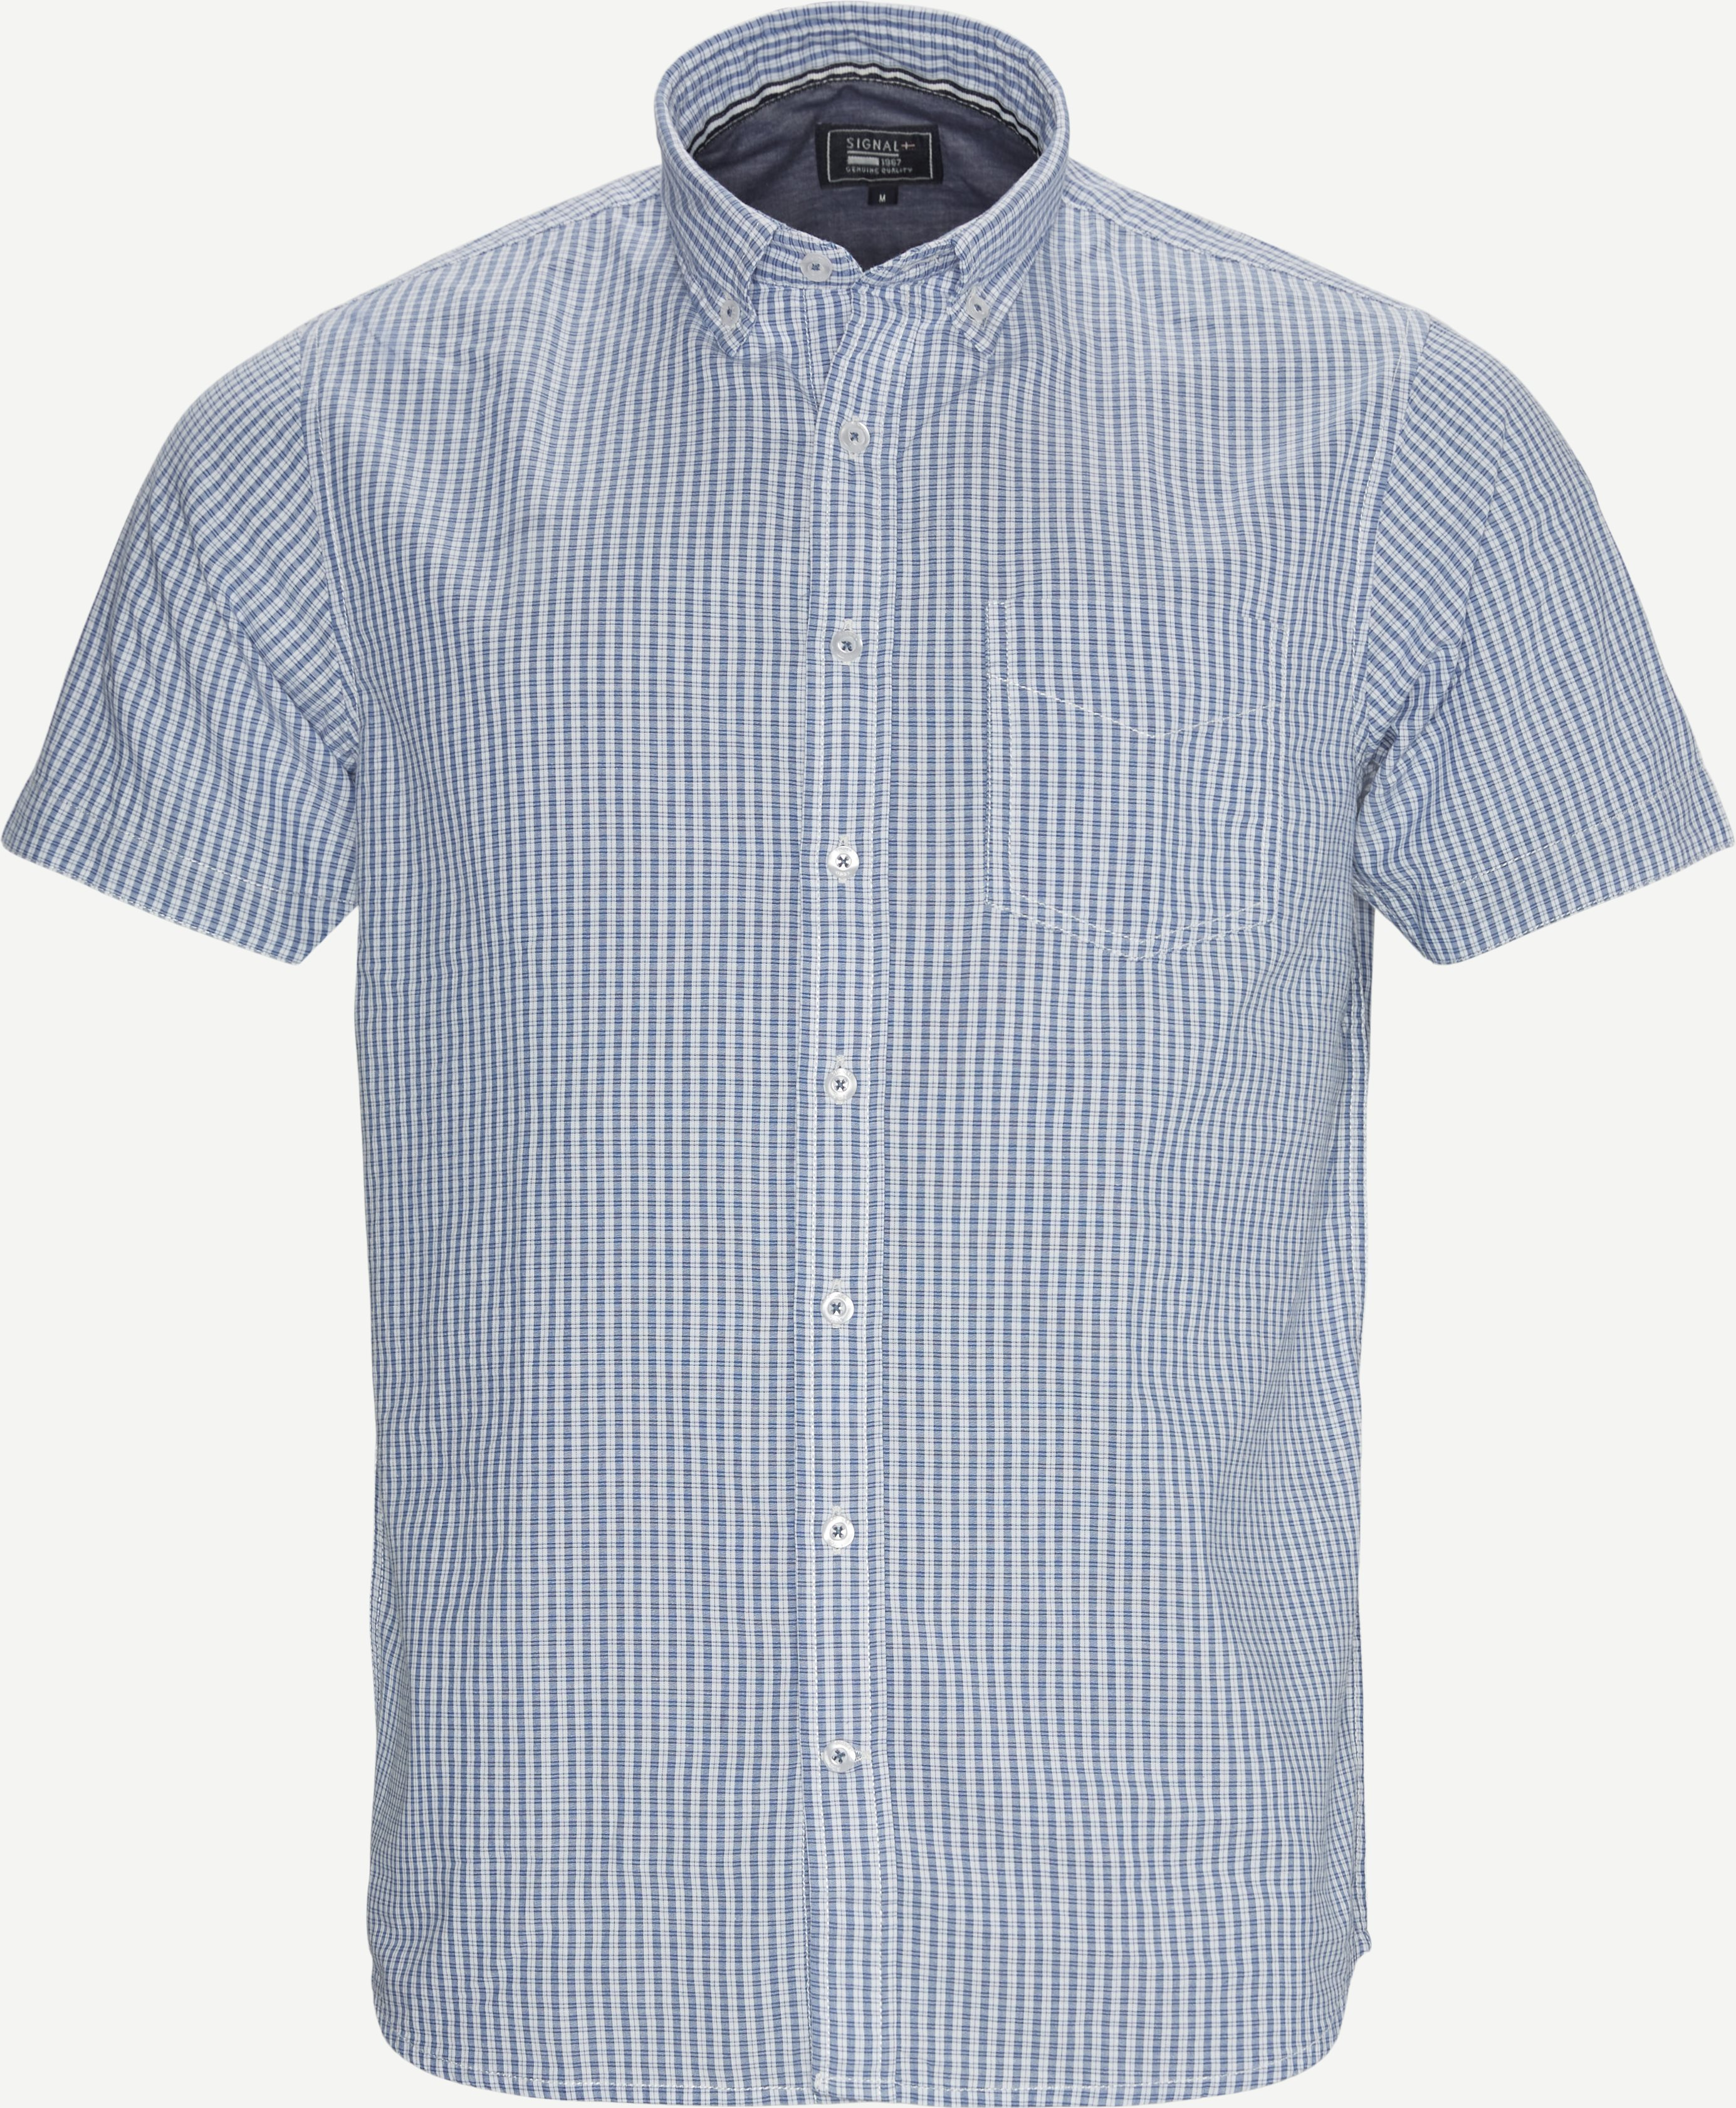 Kurzärmlige Hemden - Regular - Blau